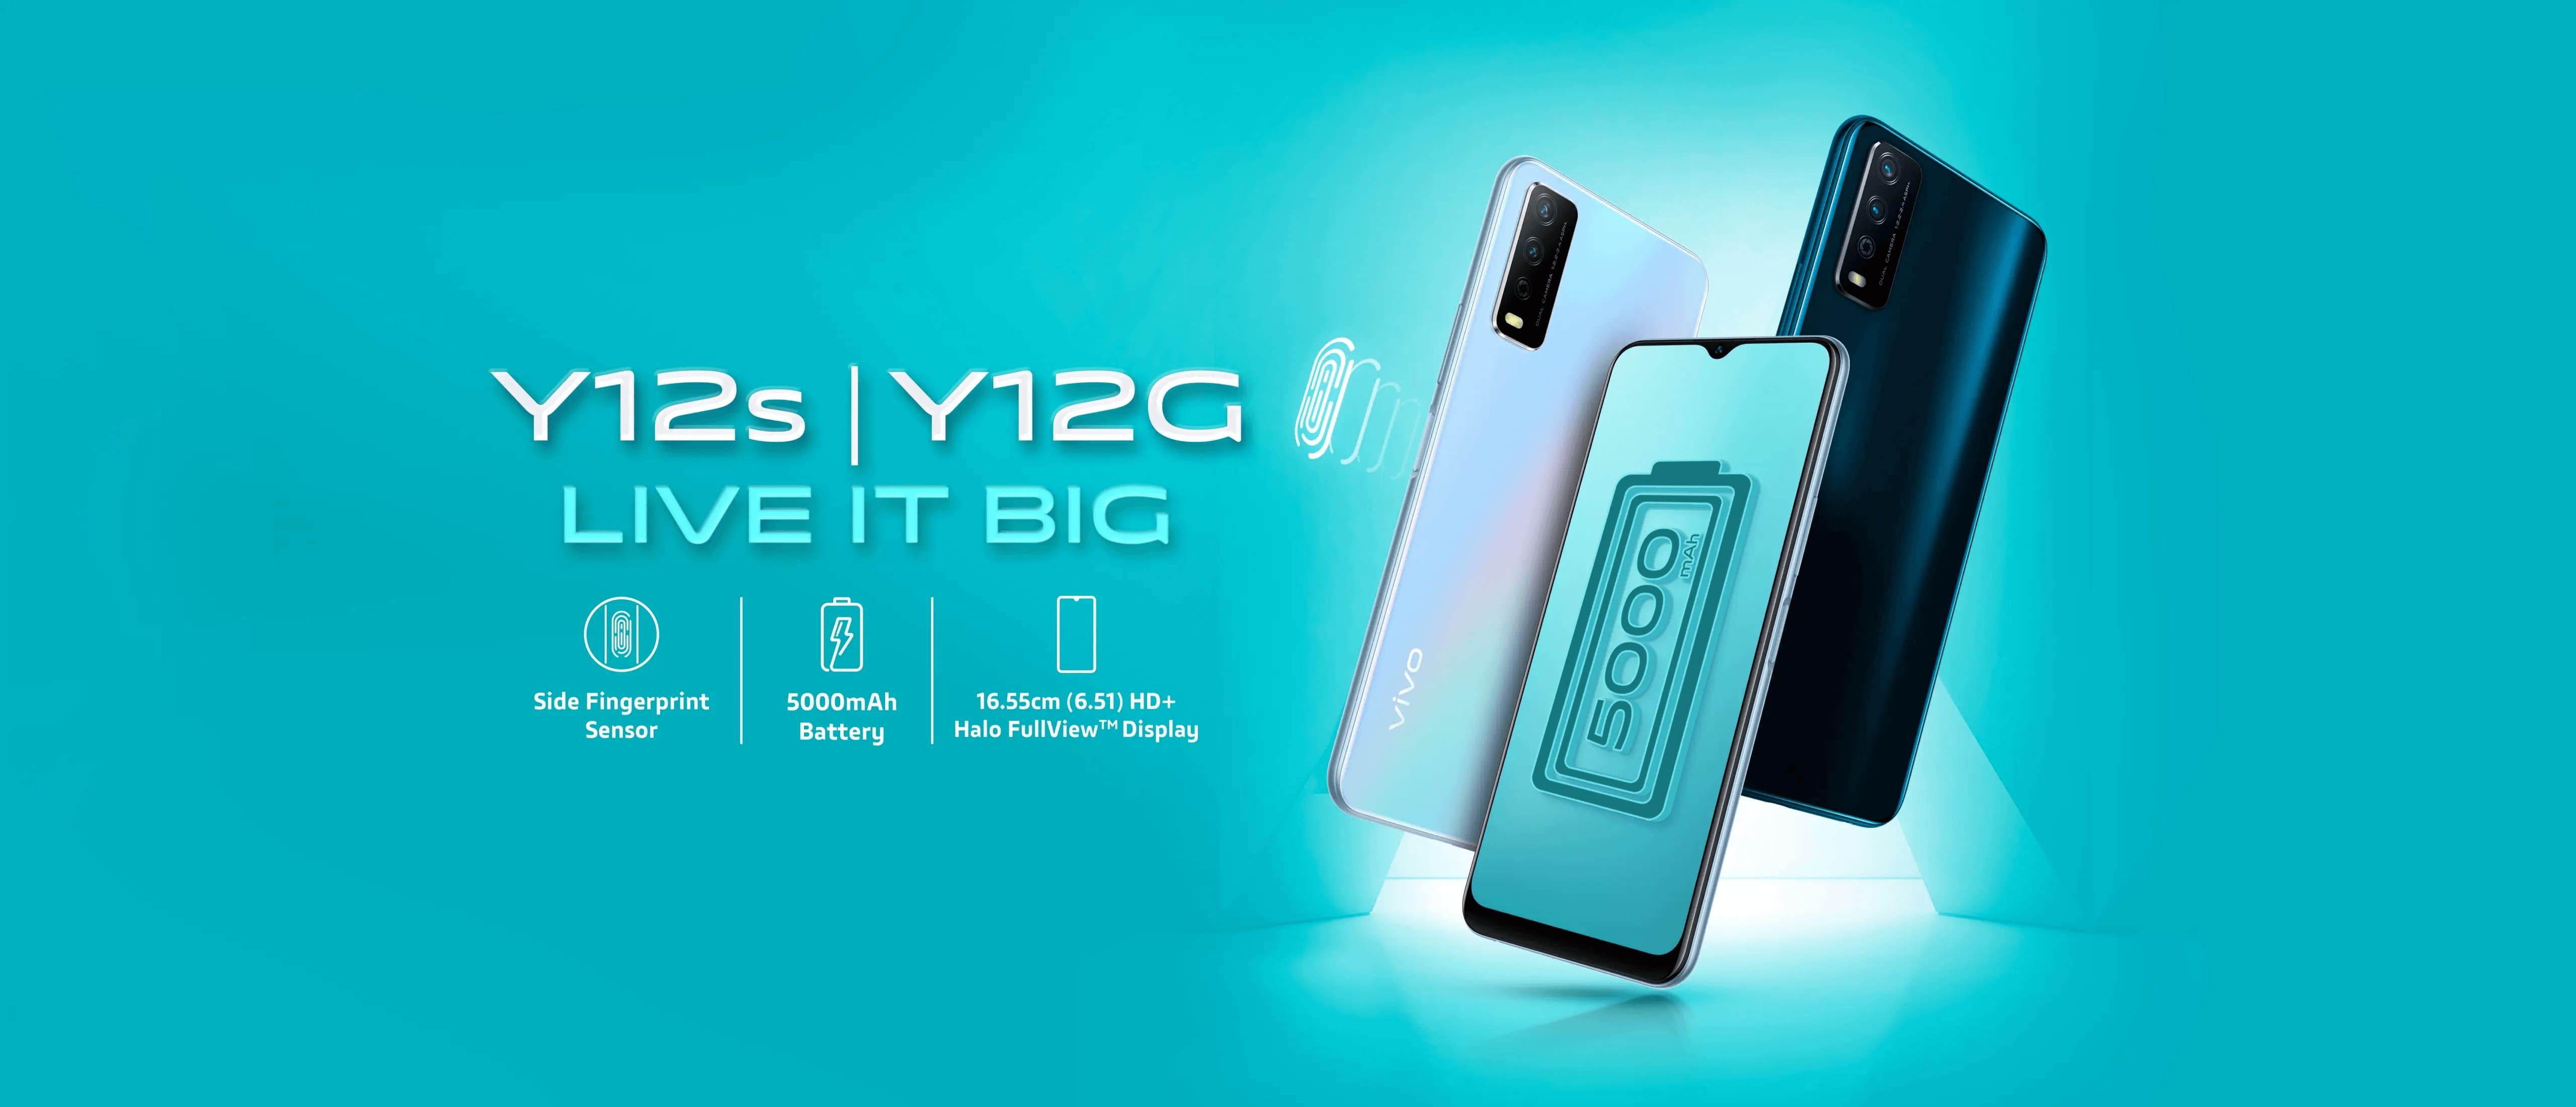 vivo-y12g-mobile